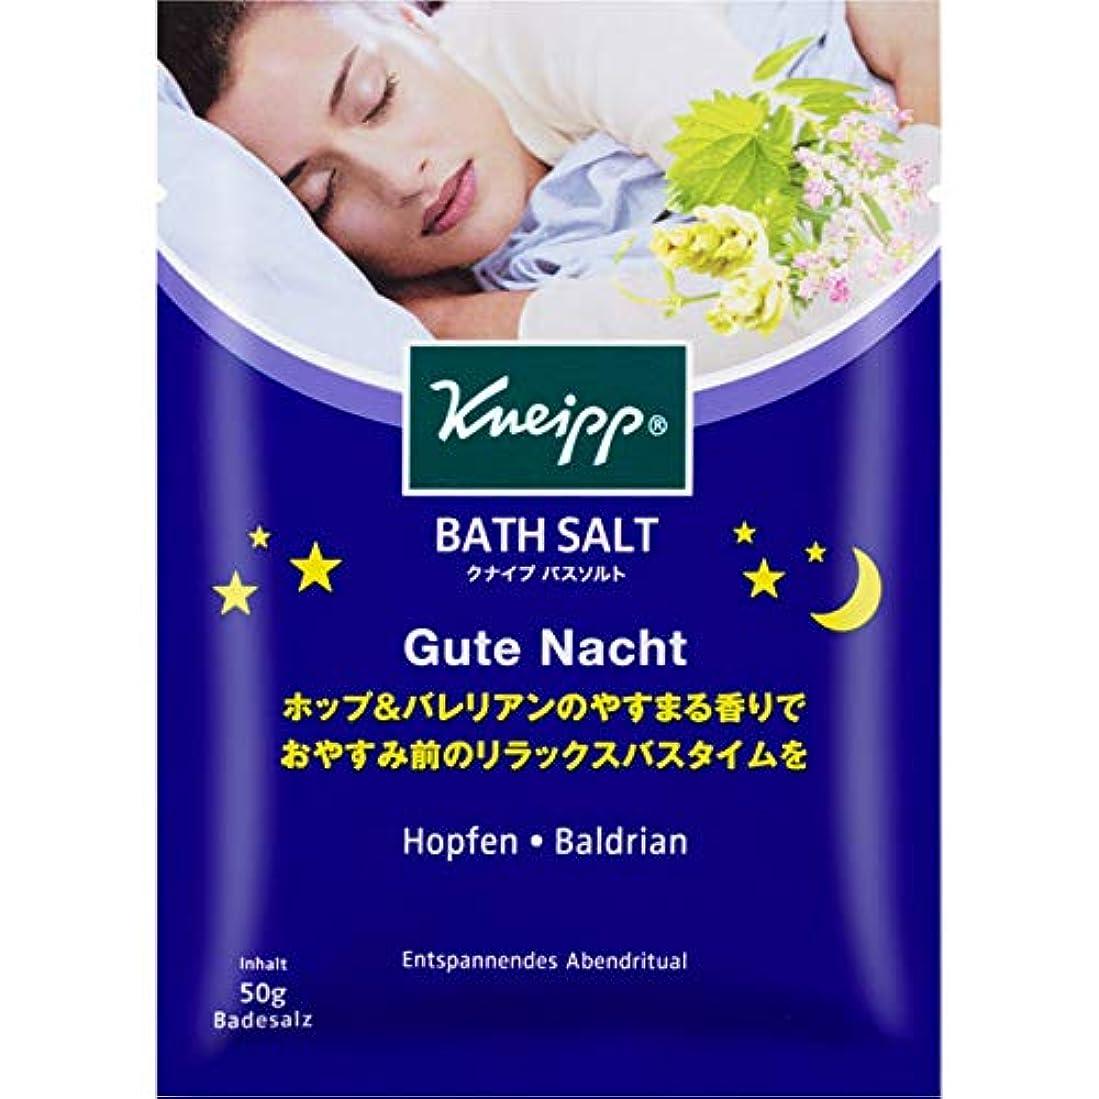 不愉快にグリットかすかなクナイプ?ジャパン クナイプ グーテナハト バスソルト ホップ&バレリアンの香り 50g